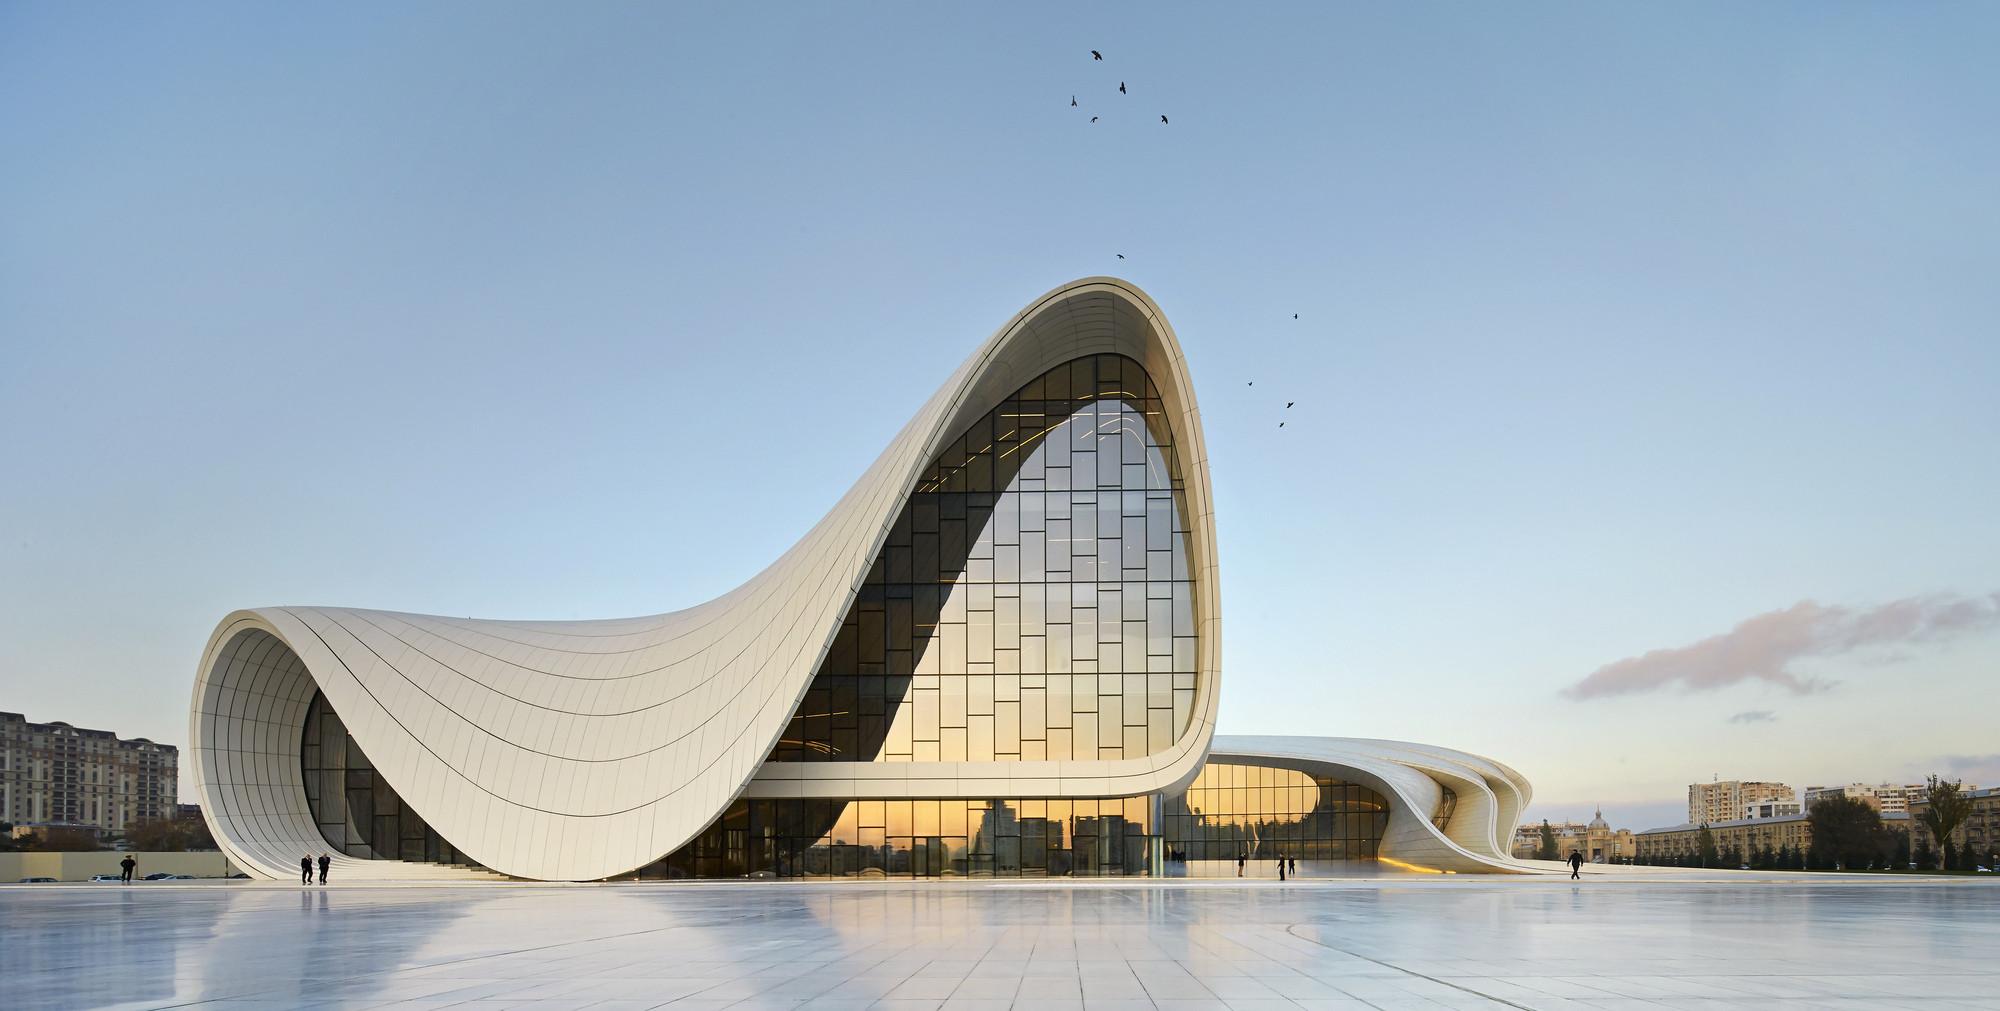 """Patrik Schumacher: """"A denúncia dos ícones e estrelas da arquitetura é superficial e ignorante"""", Heydar Aliyev Center de Zaha Hadid Architects. Imagem © Hufton + Crow"""